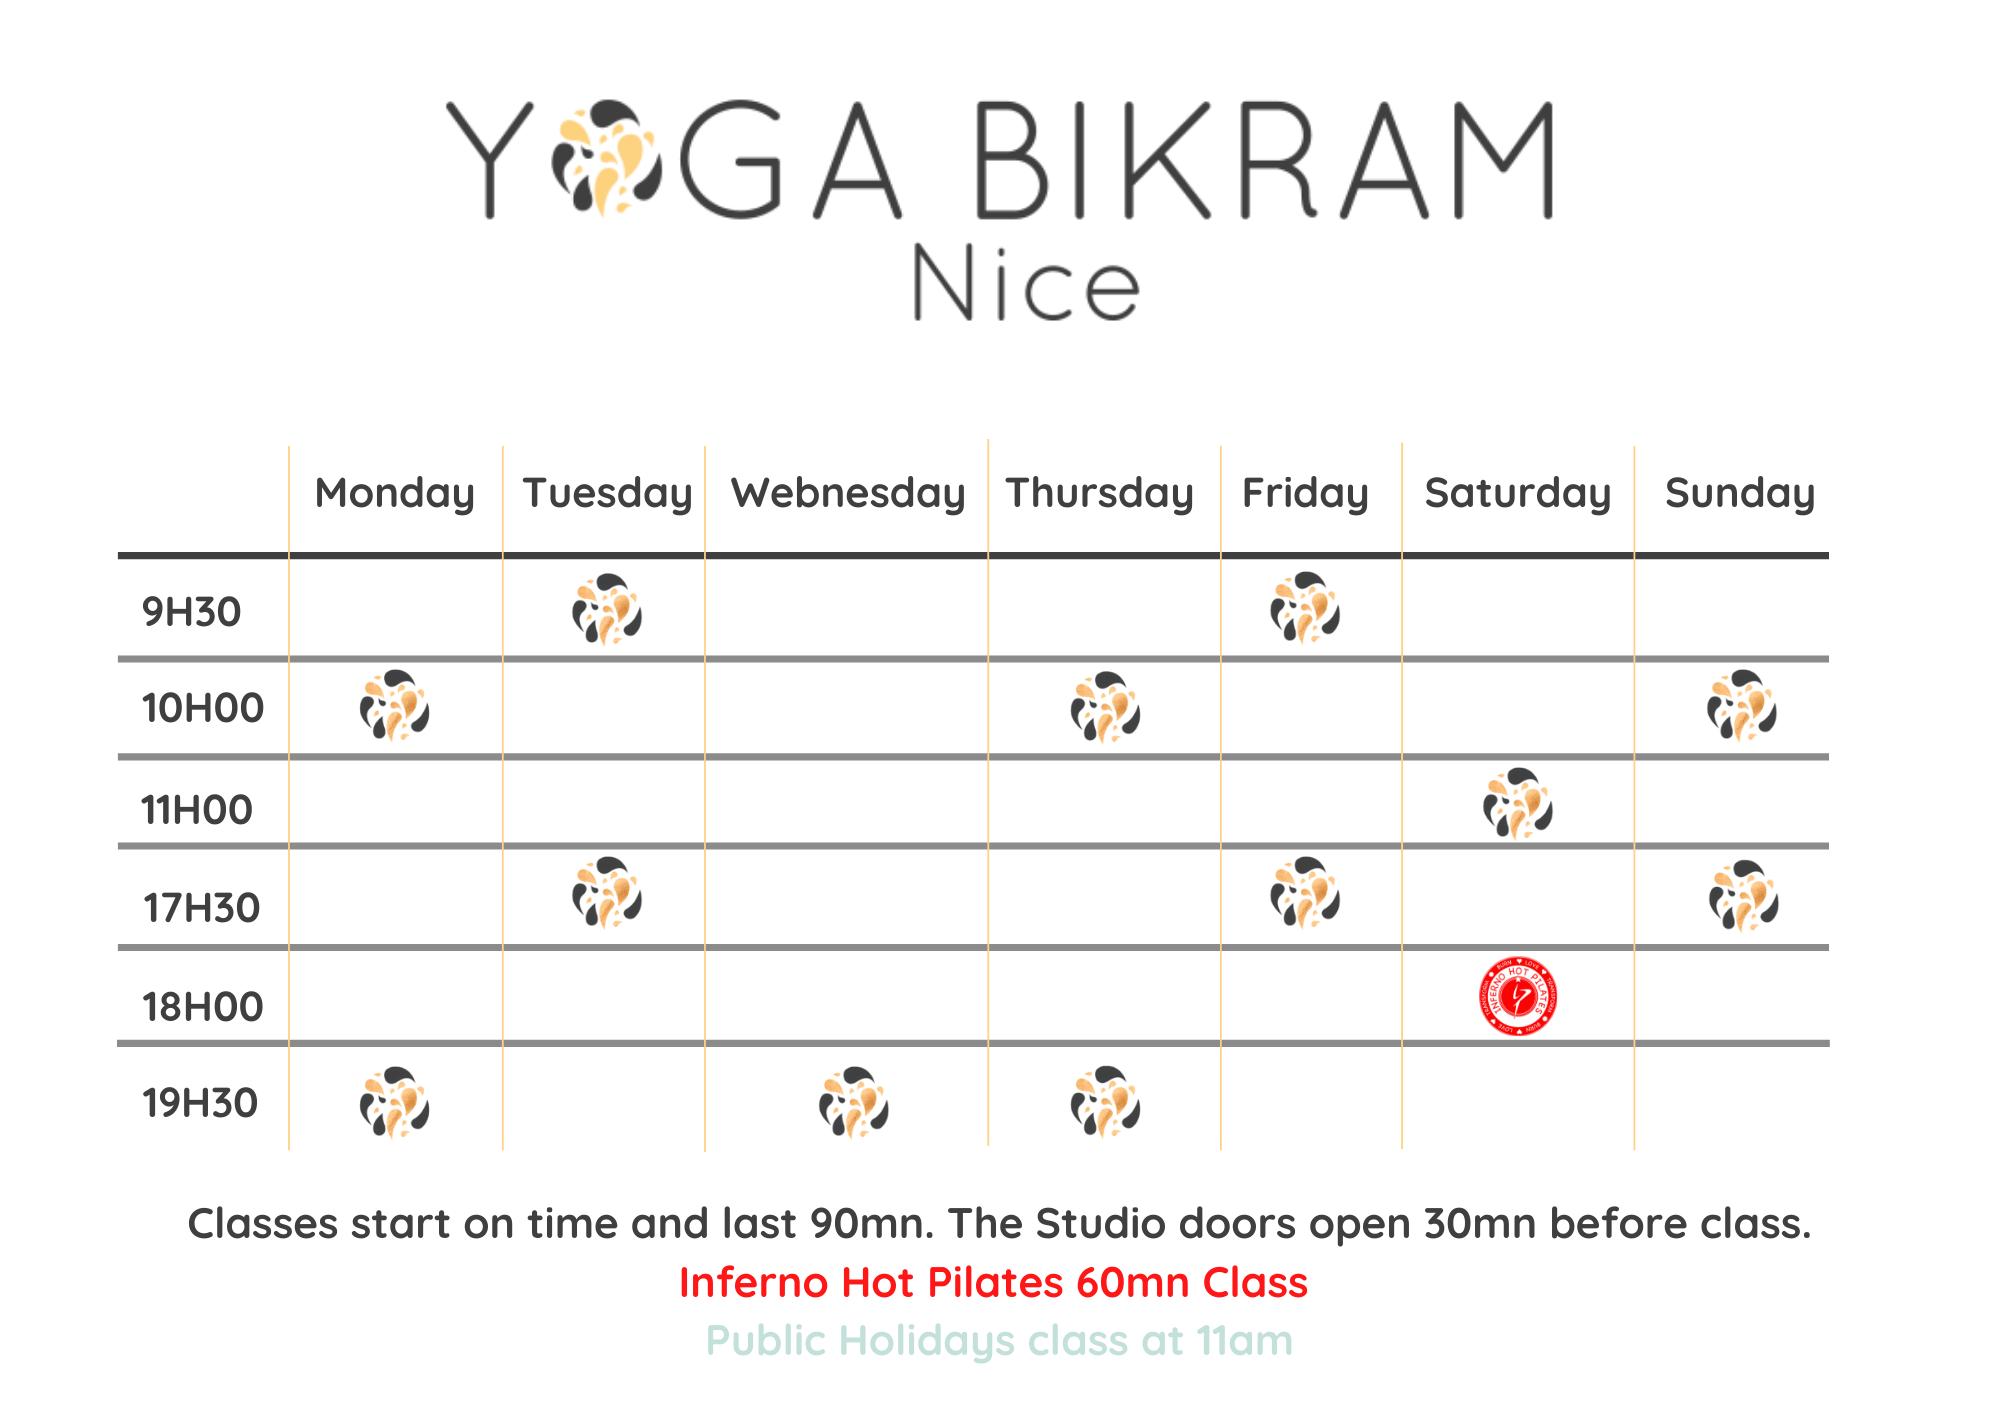 Yoga Bikram Nice Schedule